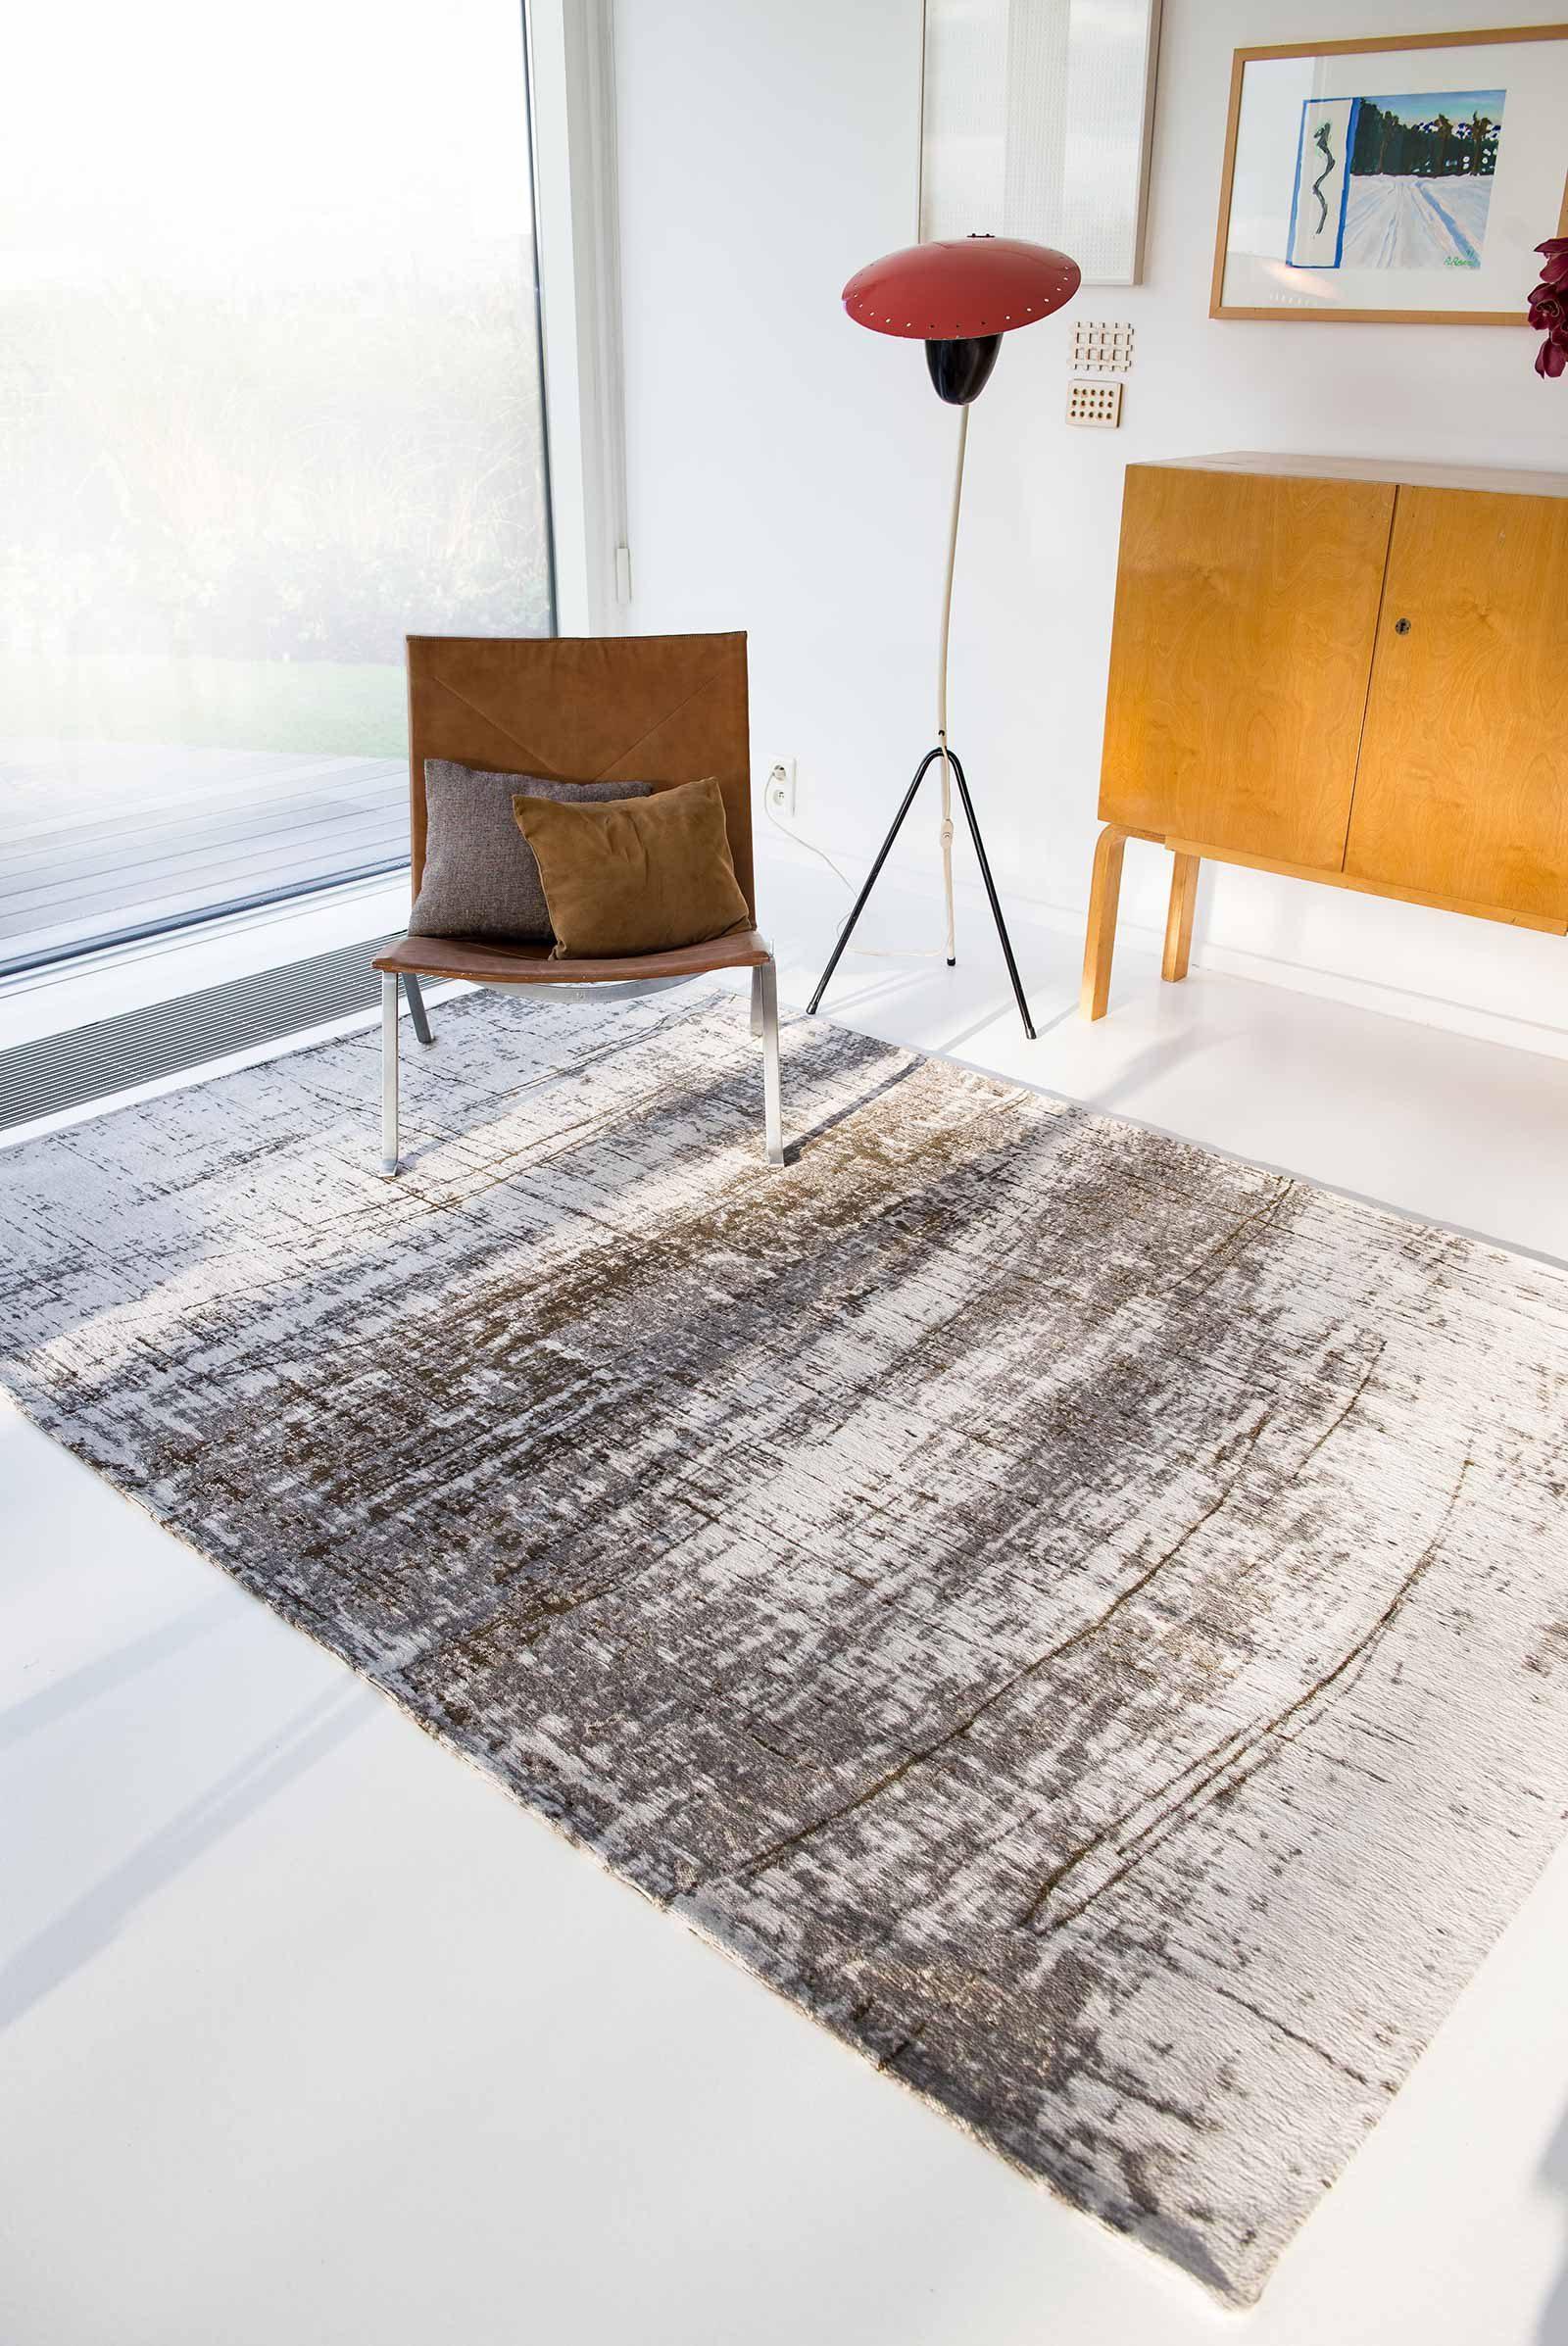 alfombras Louis De Poortere LX 8785 Mad Men Griff Concrete Jungle interior